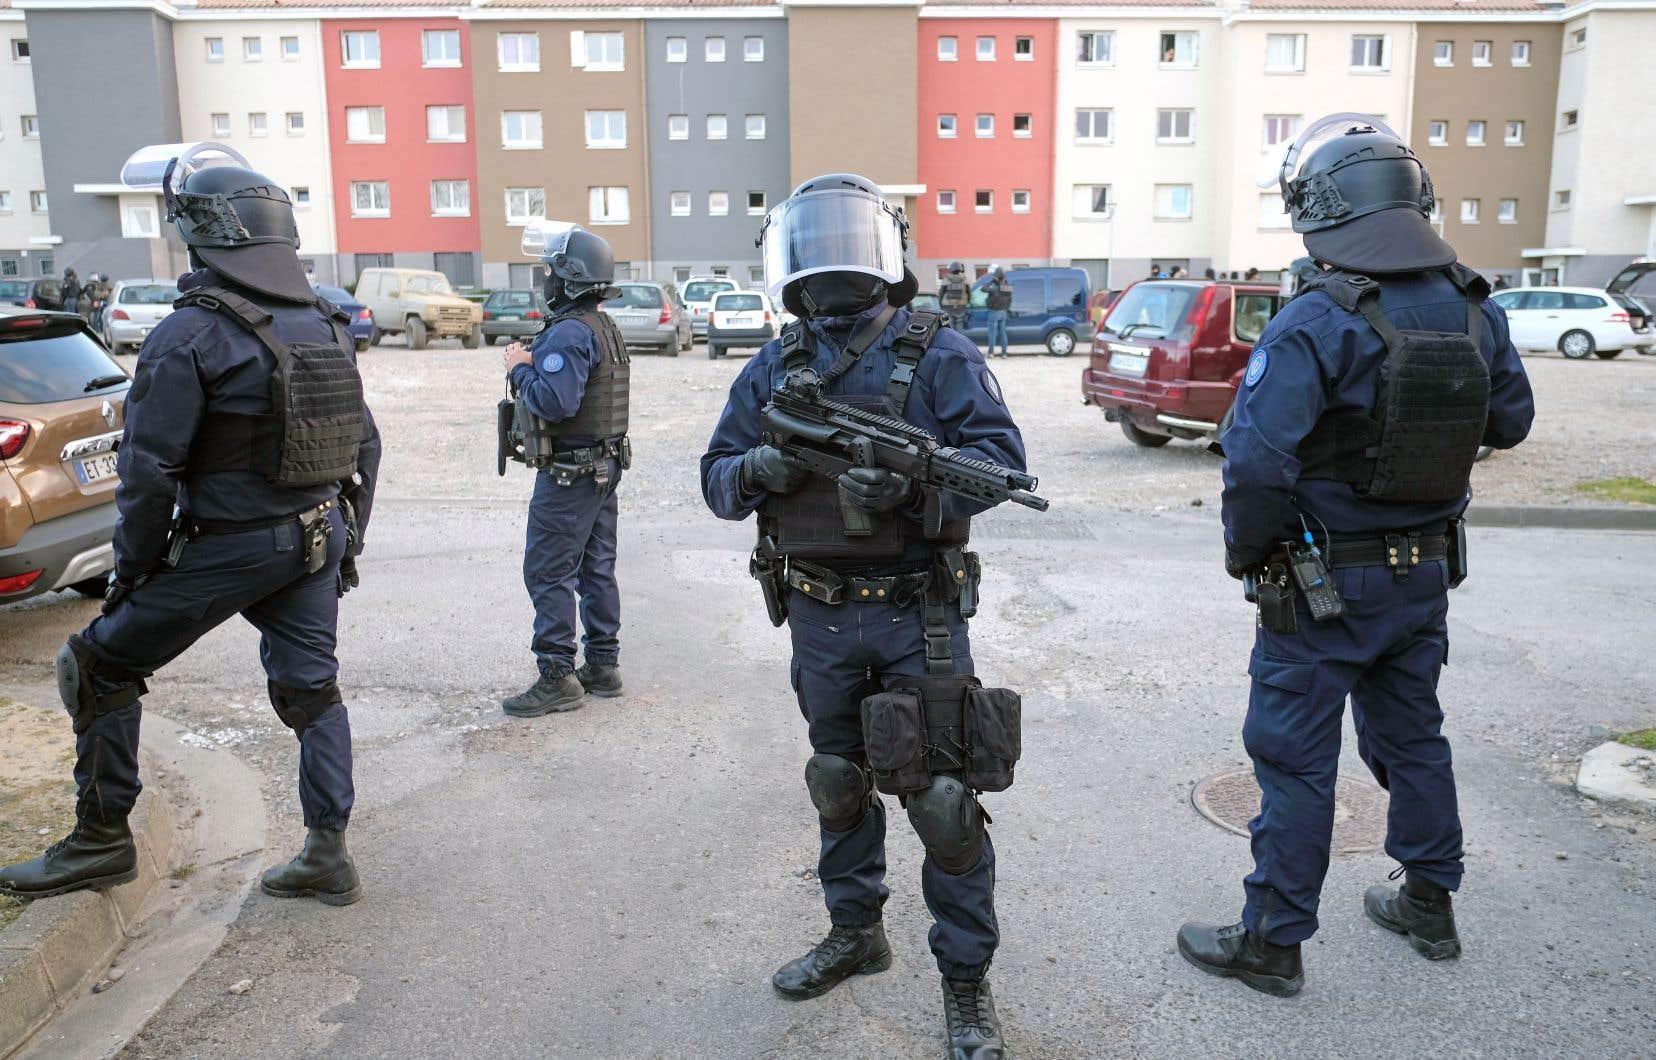 Policiers cagoulés et lourdement armés, engin blindé: les forces de l'ordre sont descendues en masse vendredi perquisitionner dans la petite cité Ozanam de Carcassonne, où résidait Radouane Lakdim, l'auteur dans la journée d'une prise d'otages meurtrière.